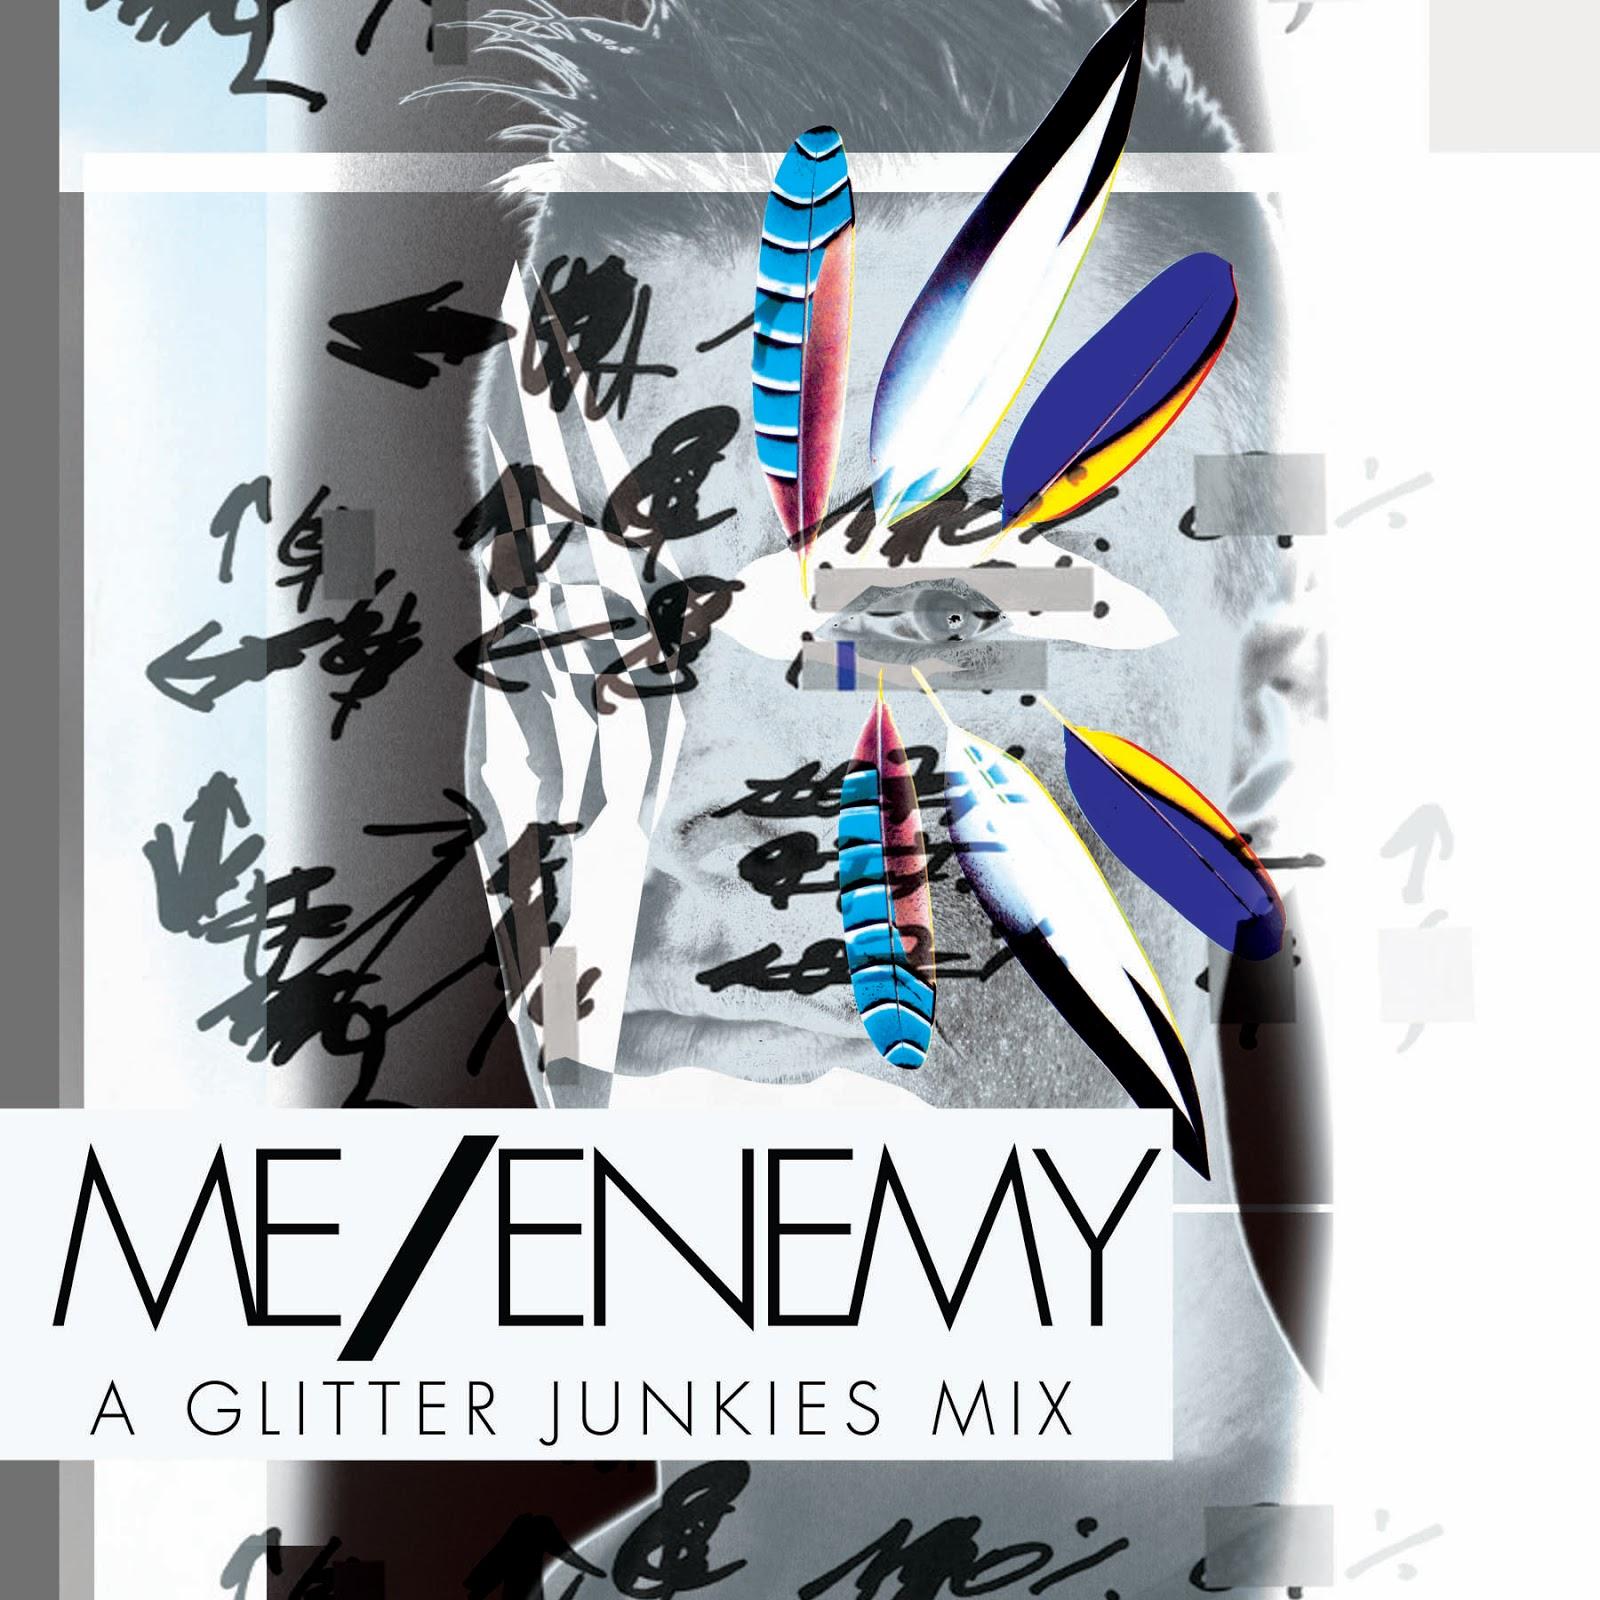 http://3.bp.blogspot.com/-3_I6q-oByhY/UTva4Hp3_BI/AAAAAAAAd-A/WyqNWfAvFZs/s1600/Glitterjunkies_MeEnemy+Mix_sml.jpg